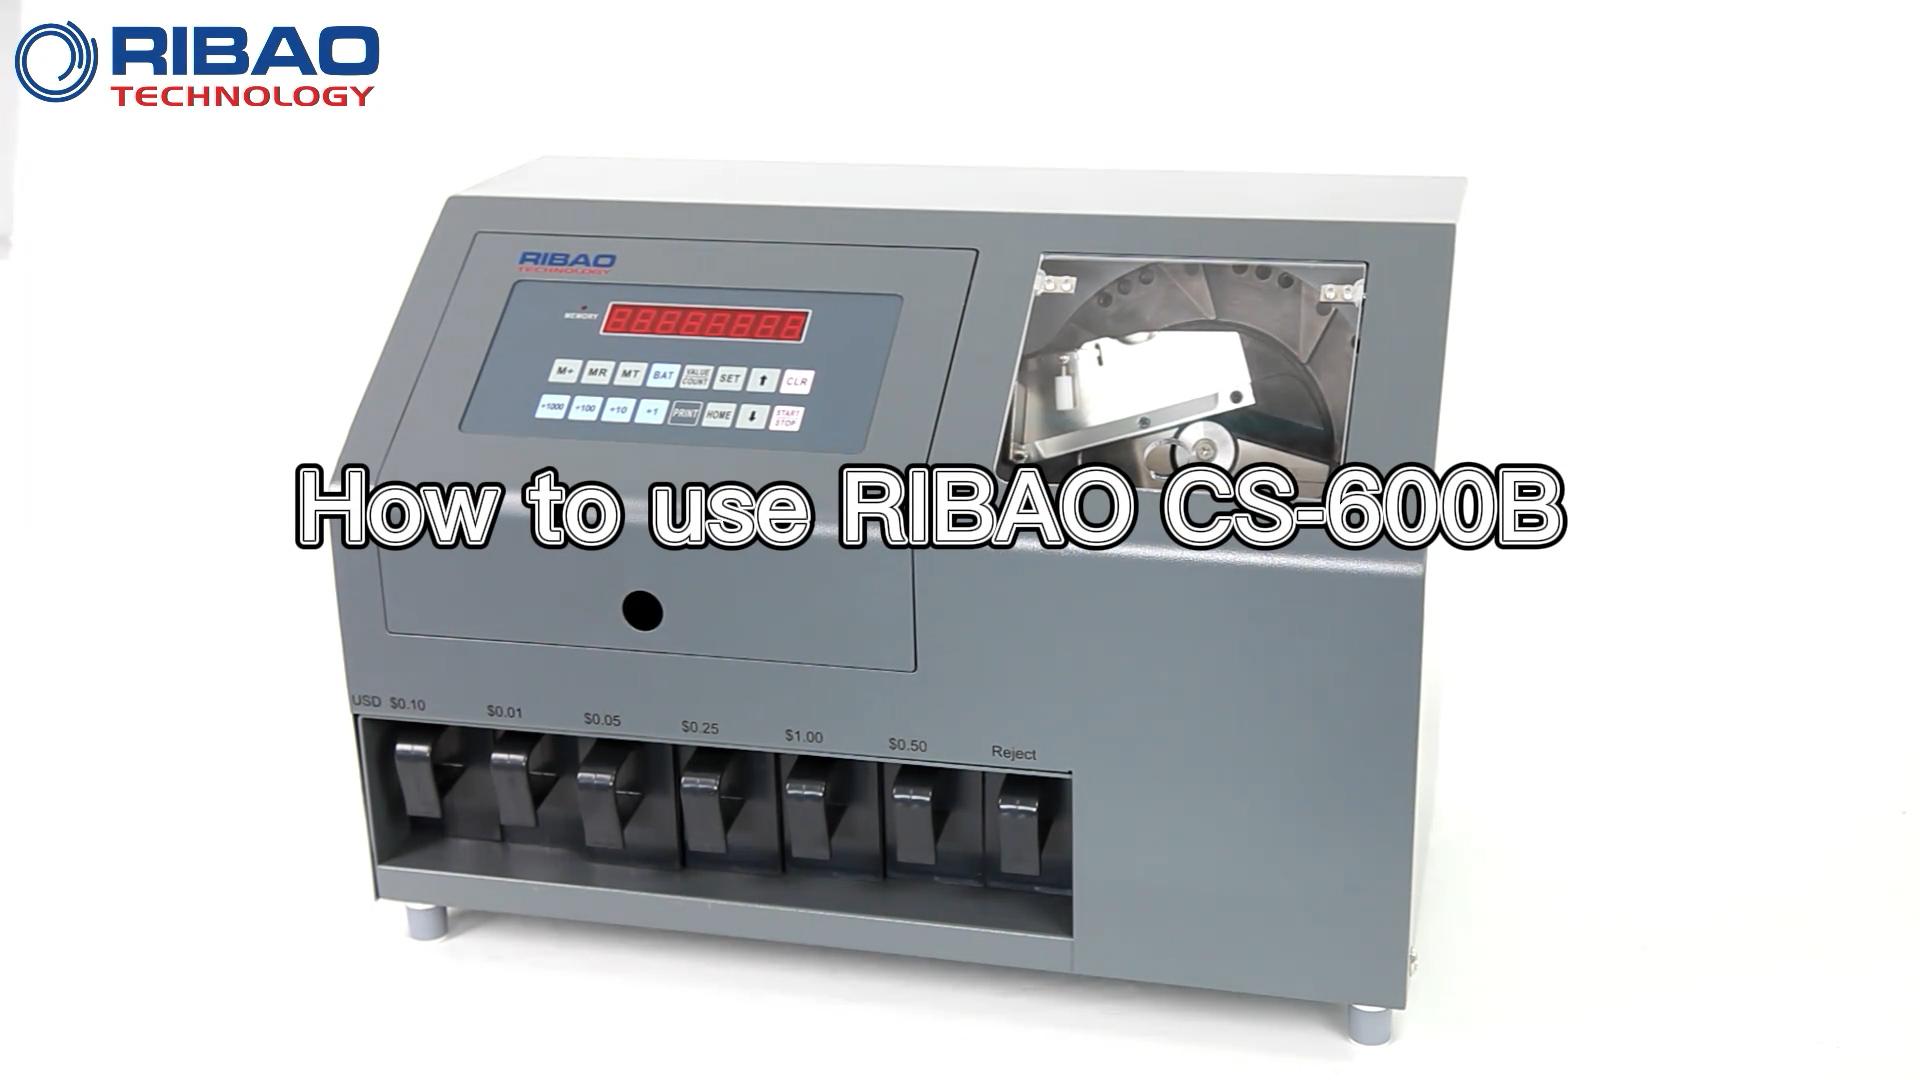 CS-600B nasıl kullanılır?